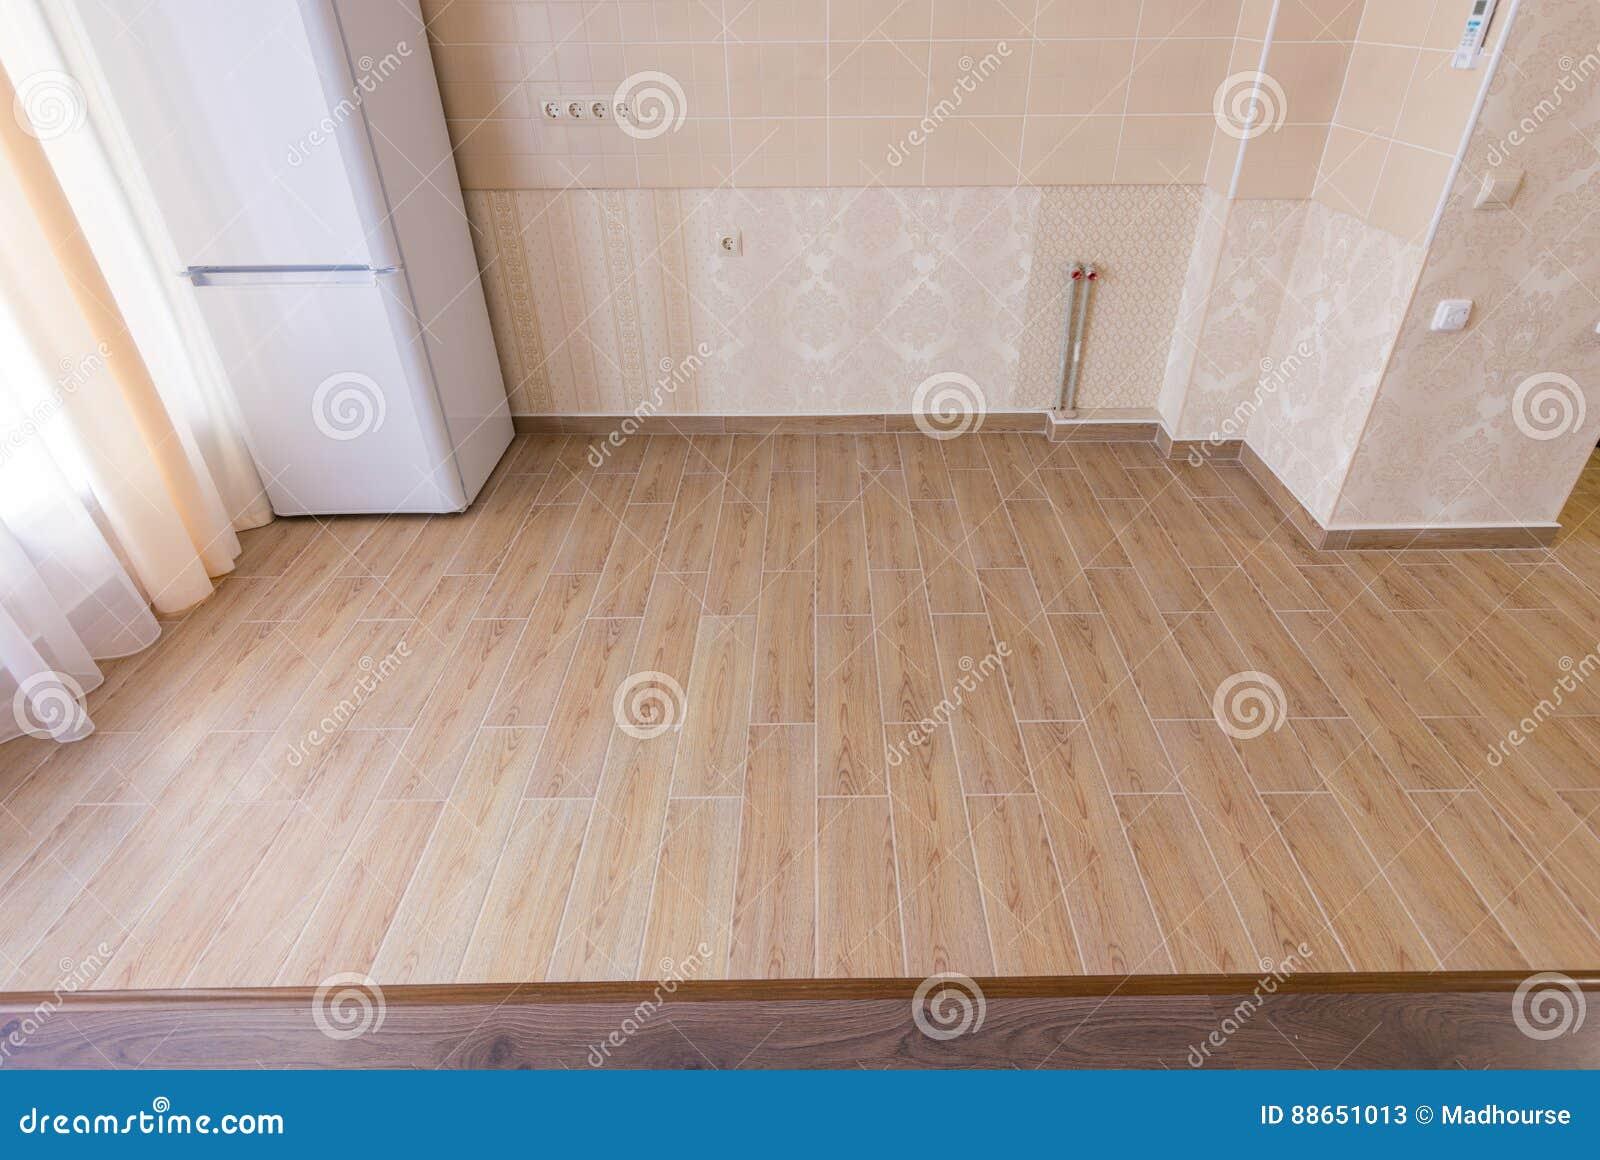 Großartig Keramik Küchenbodenfliesen Bilder - Ideen Für Die Küche ...